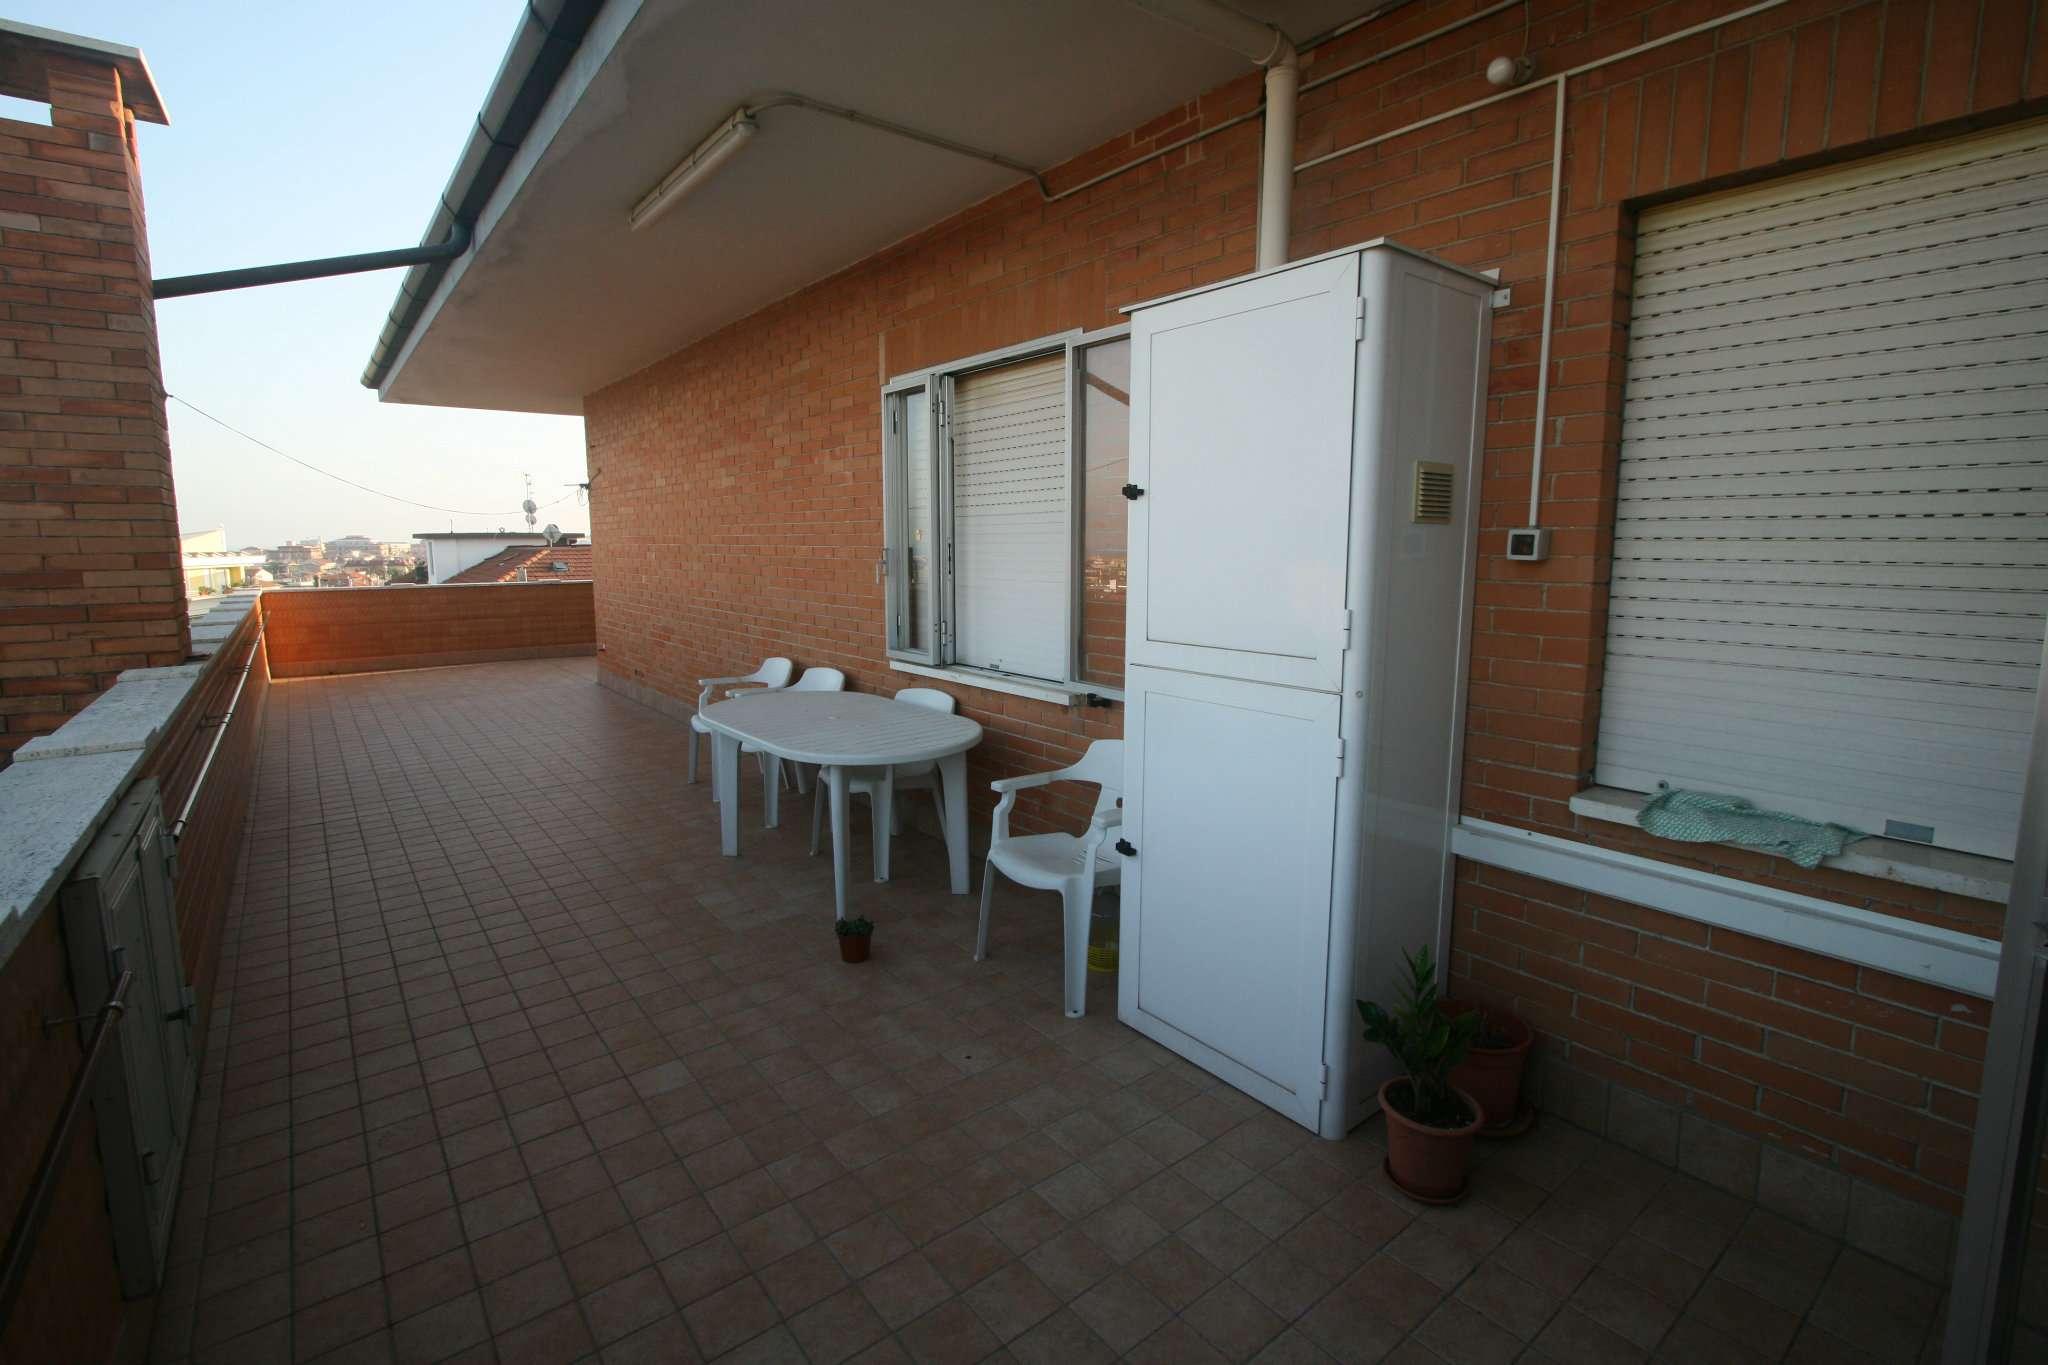 Attico / Mansarda in vendita a San Benedetto del Tronto, 4 locali, prezzo € 230.000 | CambioCasa.it